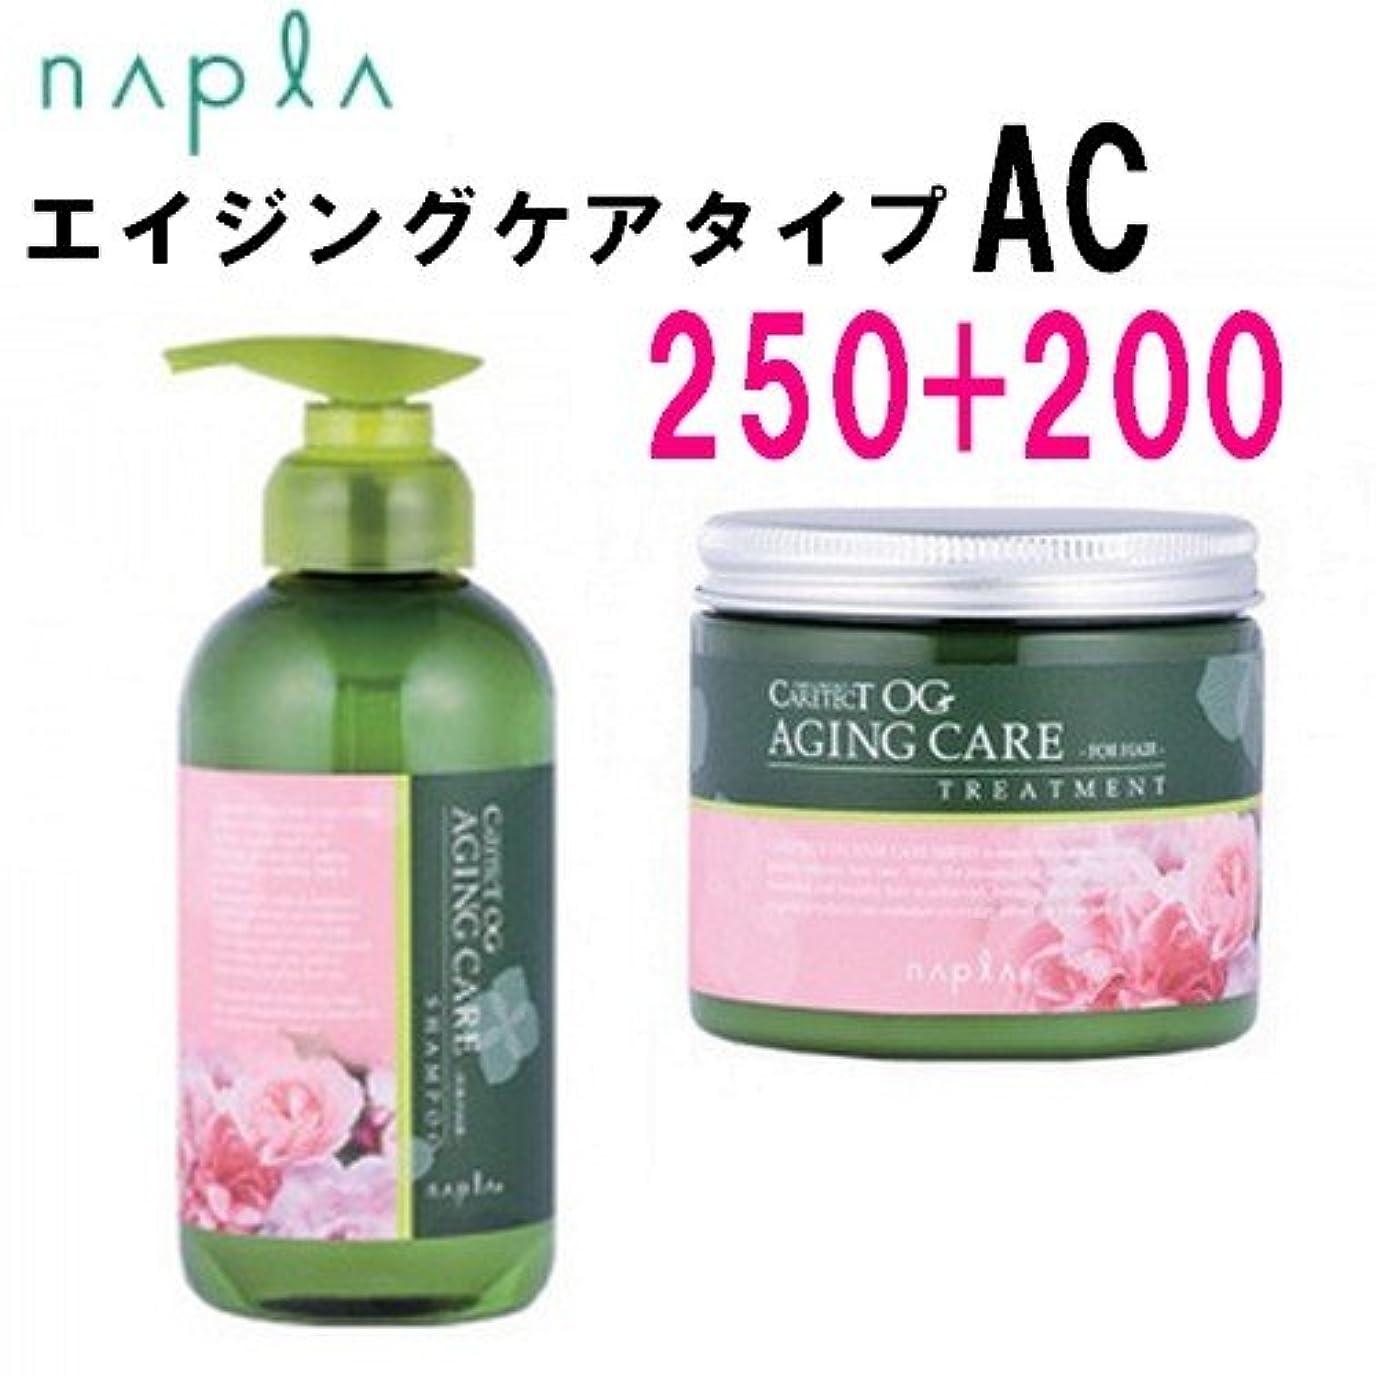 お酒強打アミューズナプラ ケアテクトOG シャンプー&トリートメント AC セット 250ml/200g